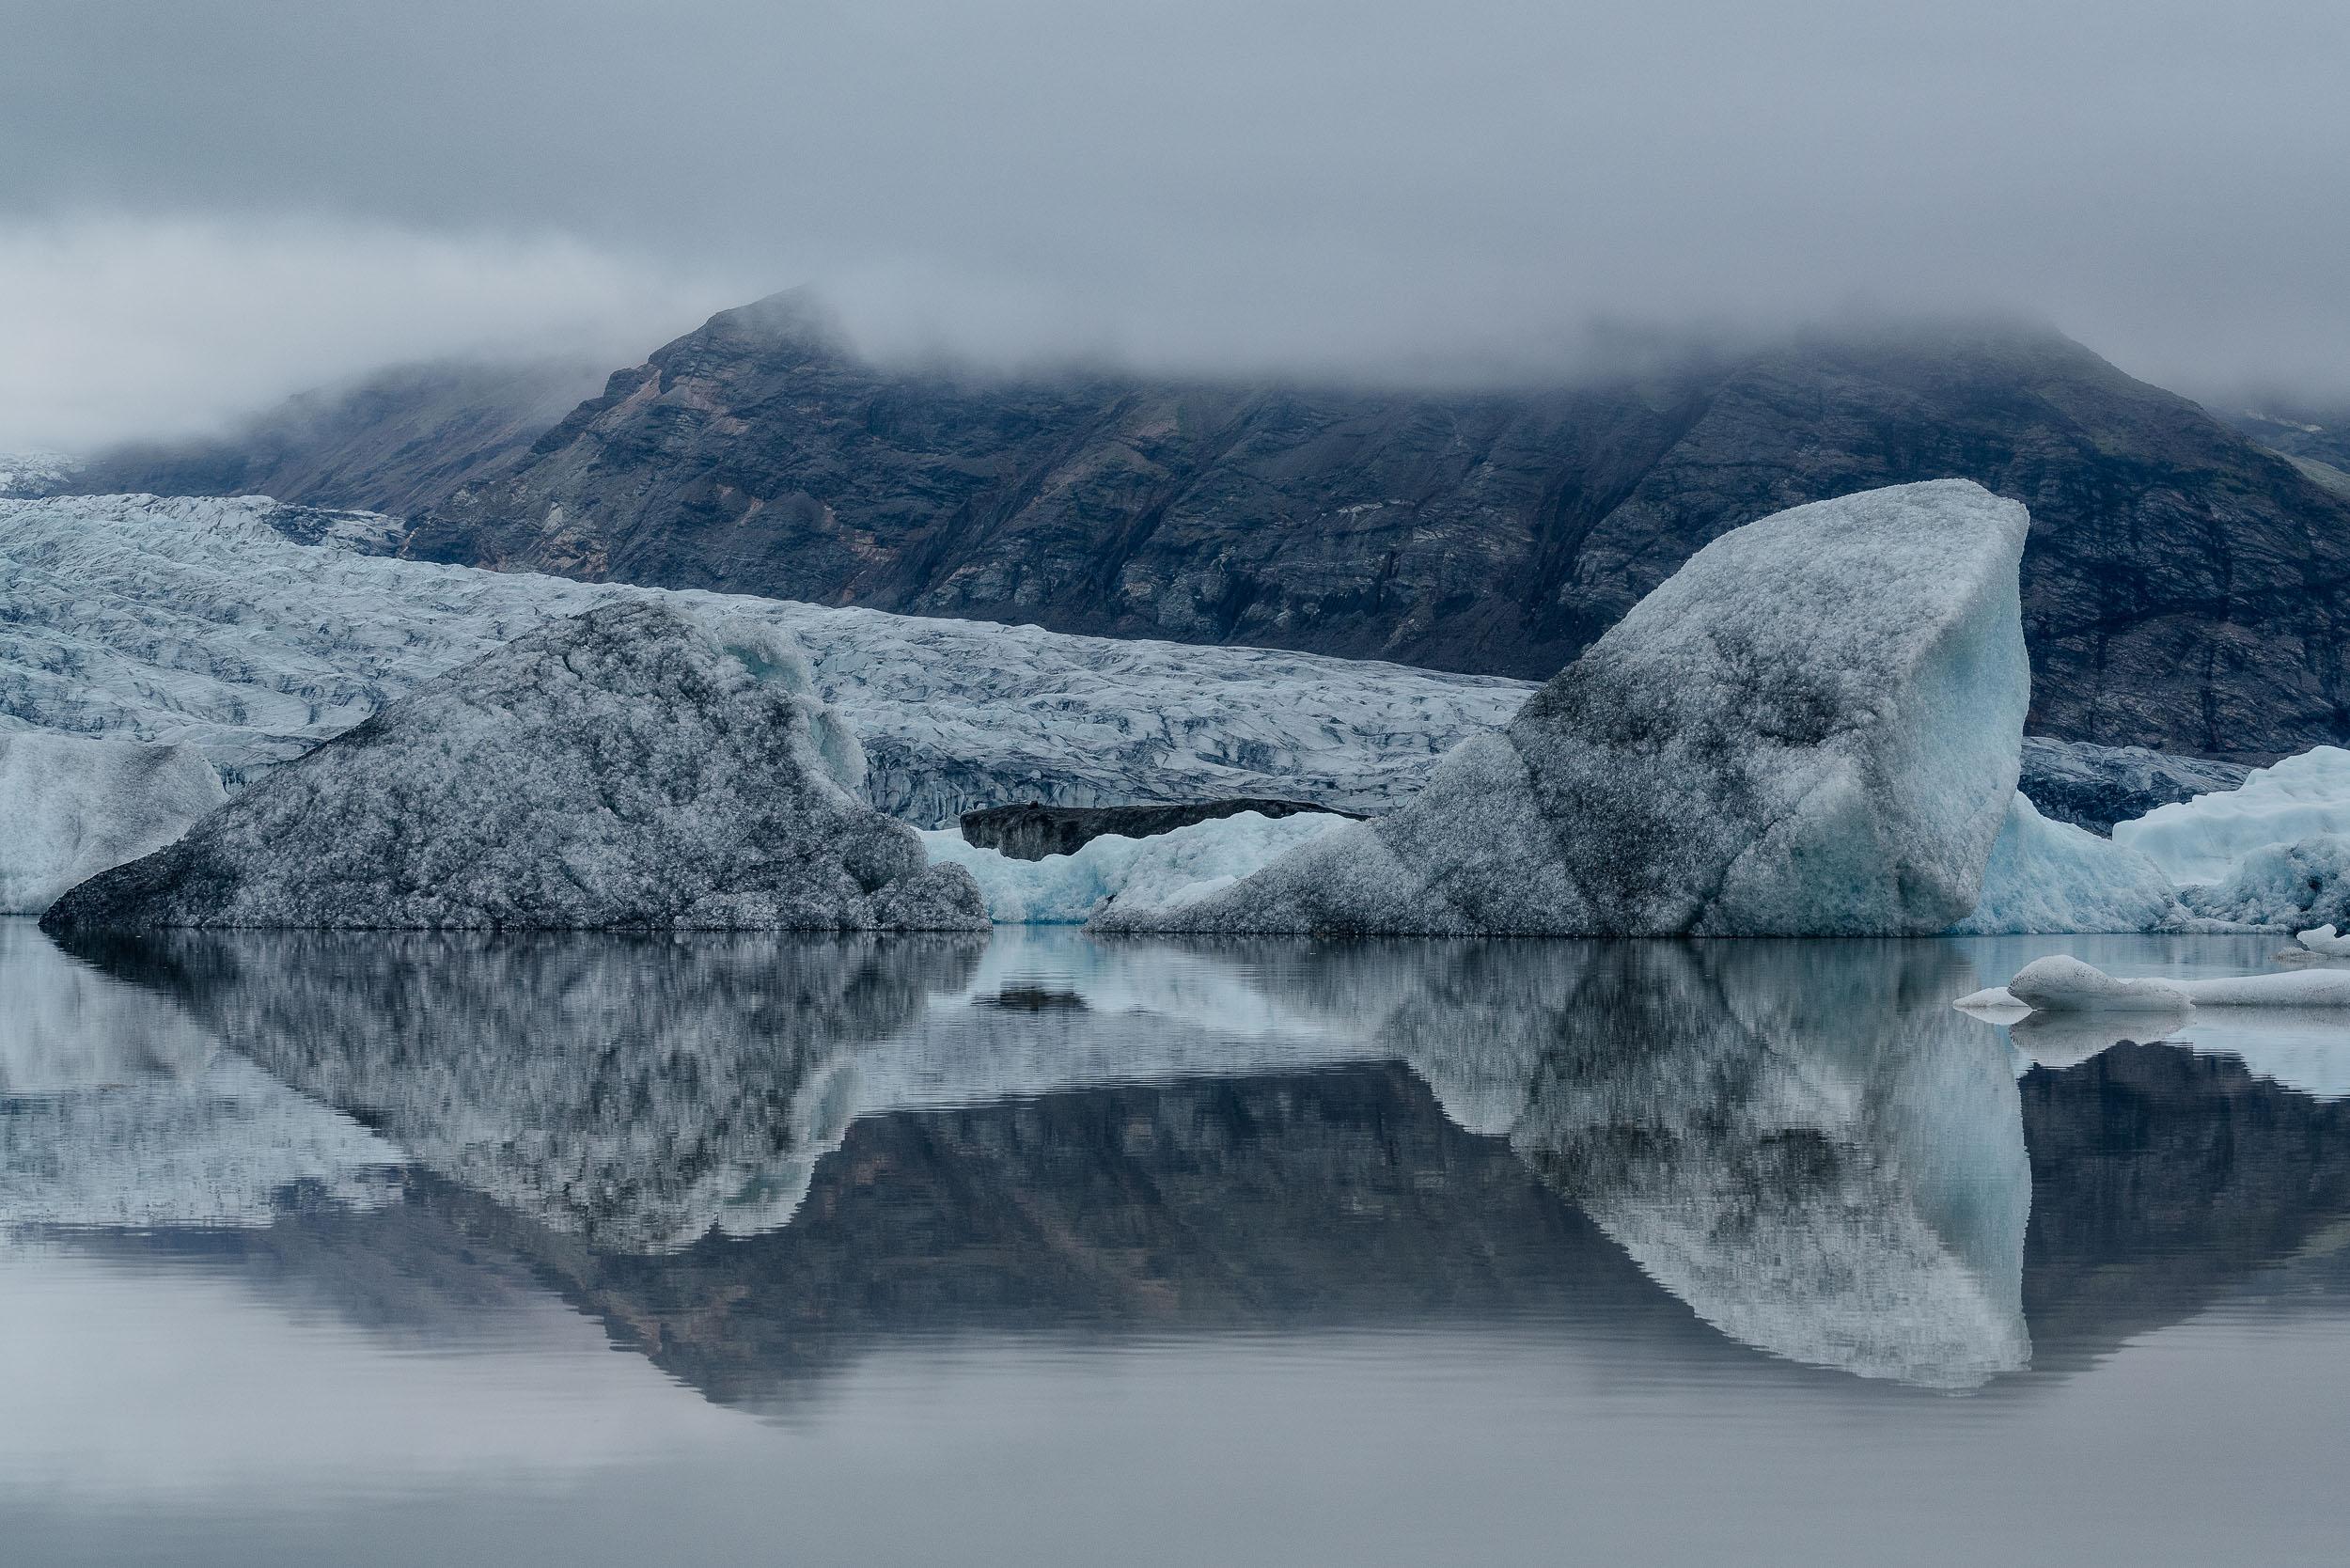 Icebergs    in the    Fjallsárlón Glacier Lagoon    at the Vatnajökull Glacier in    Iceland   .